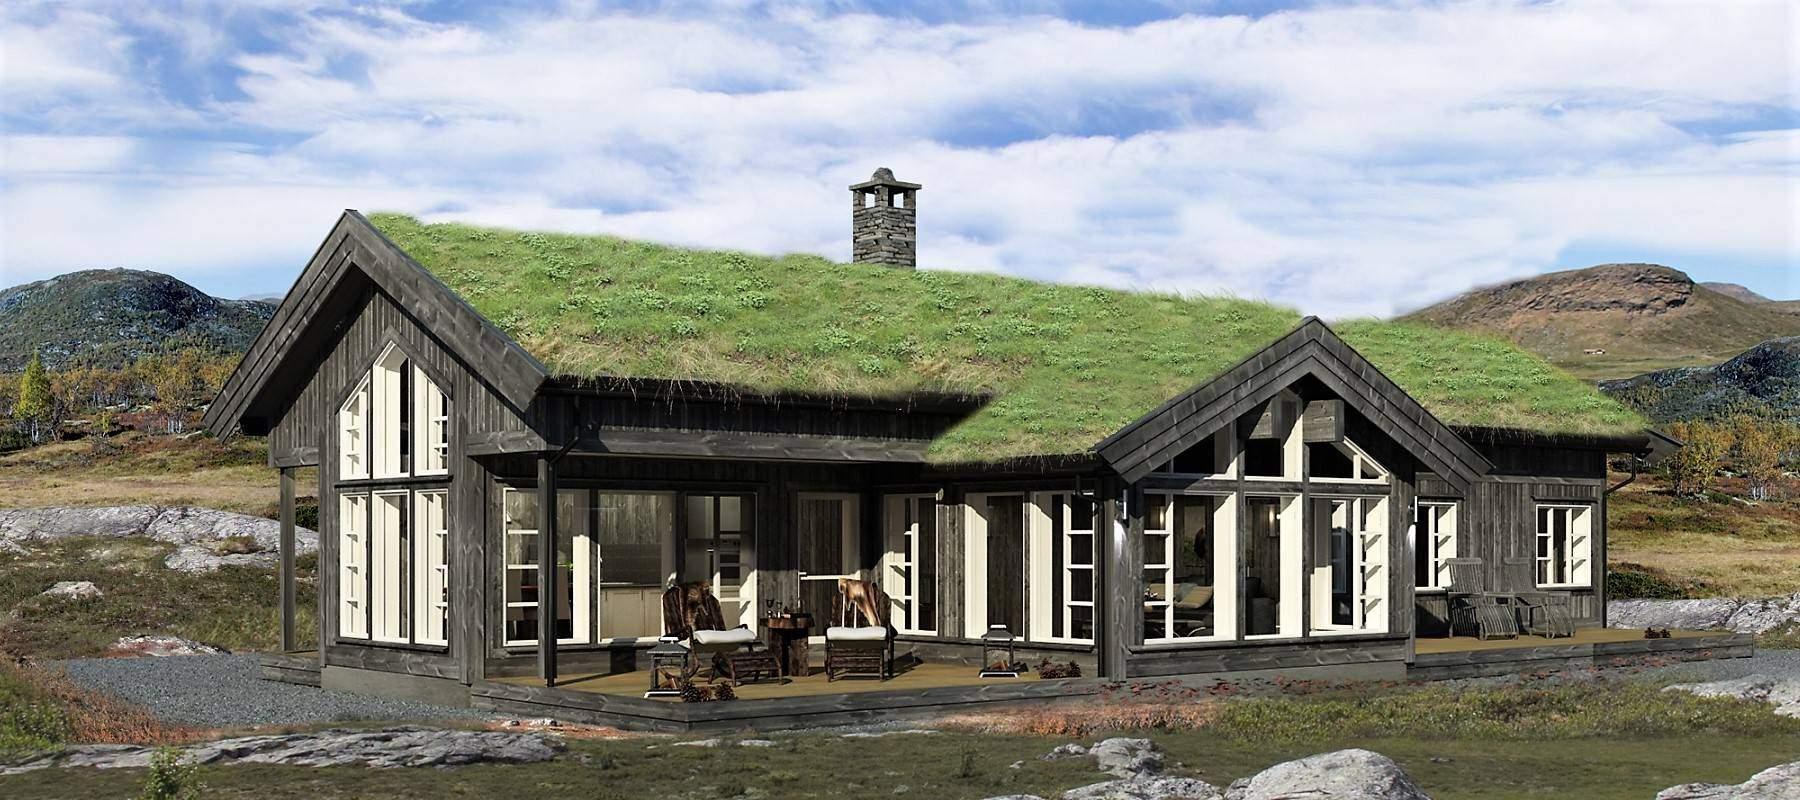 212 Hyttemodell Strynsfjell 120